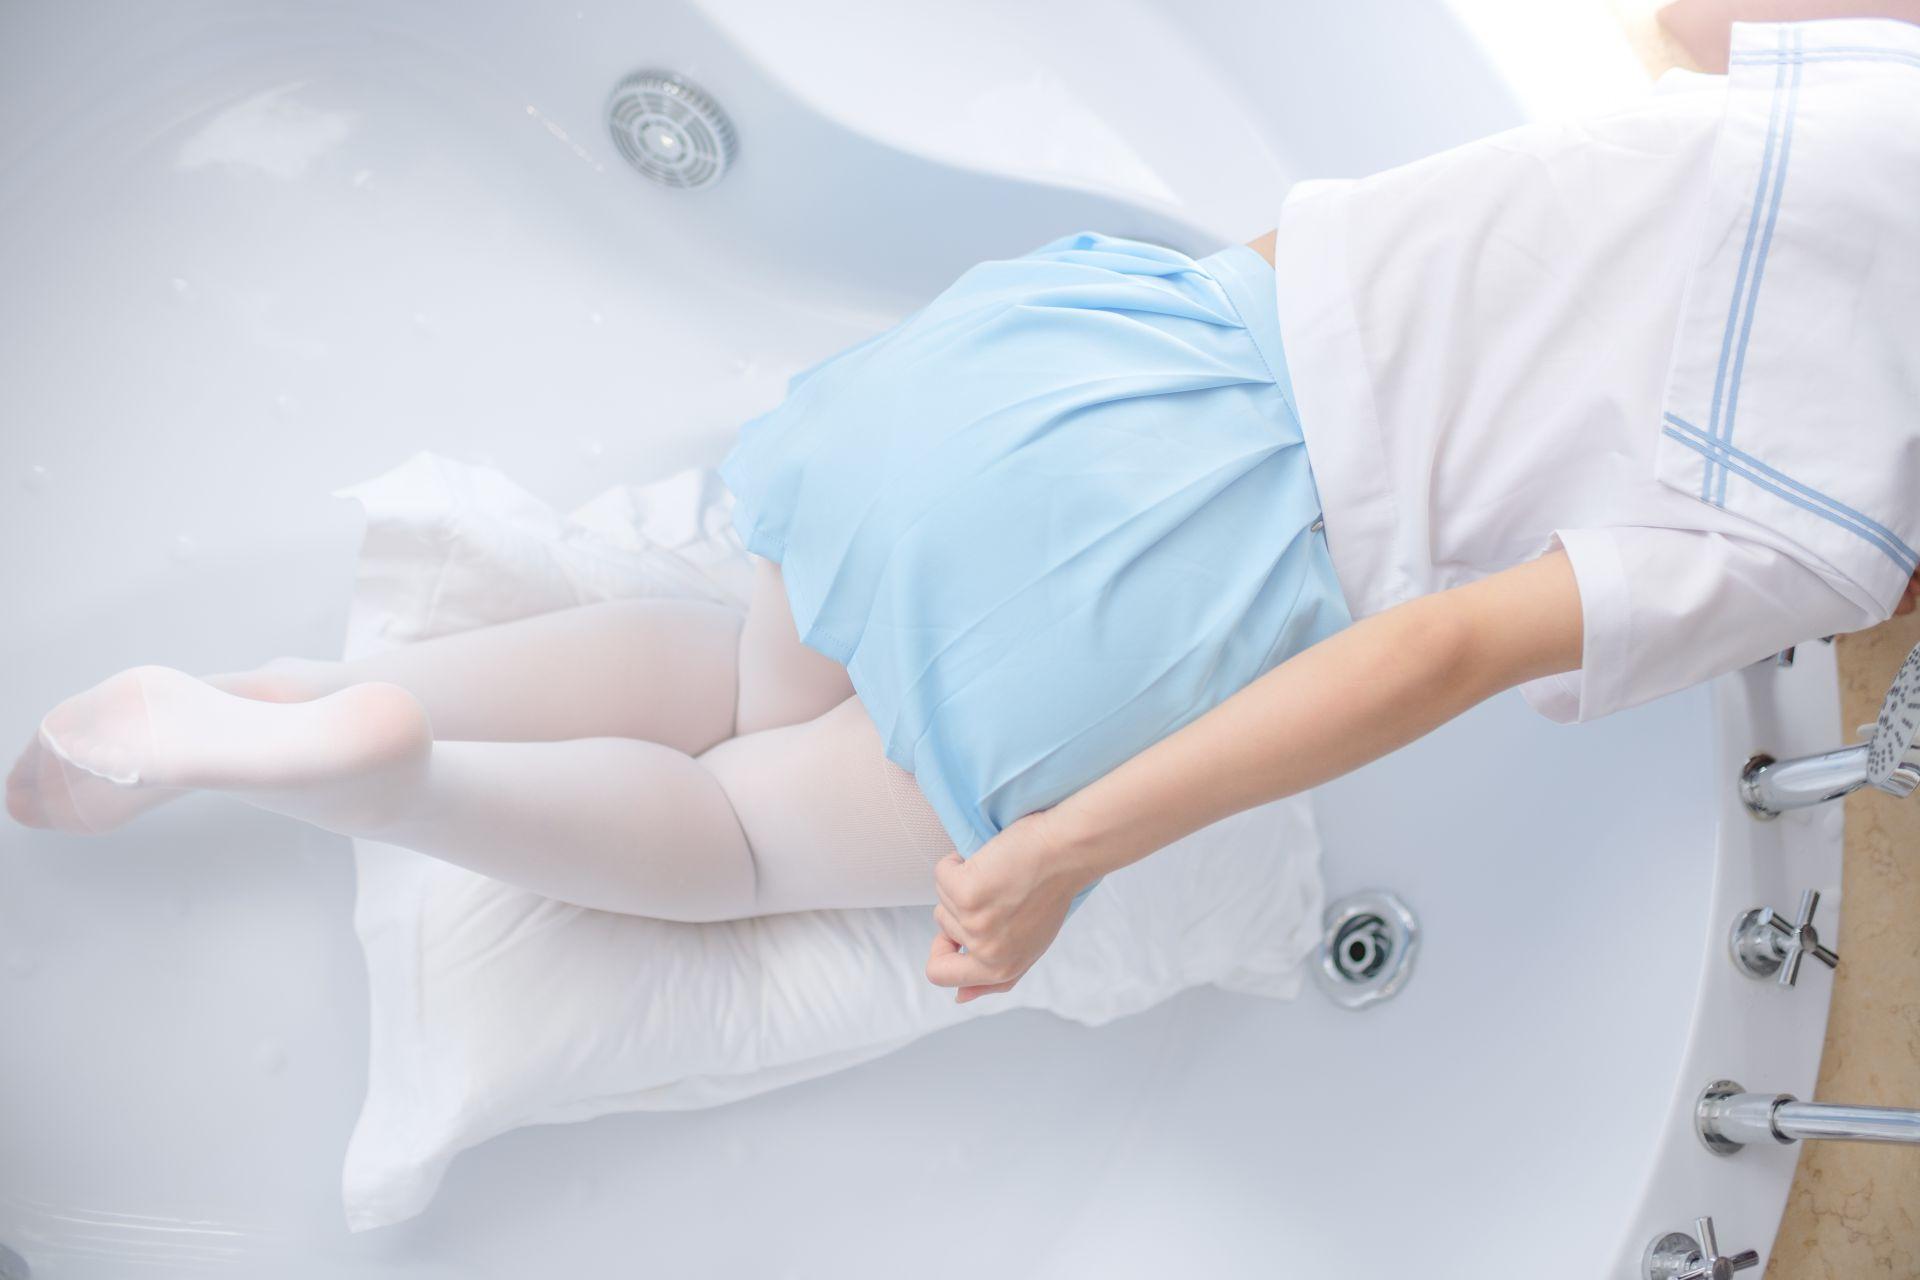 【森萝财团】森萝财团写真 – X-032 蓝色水手服 [129P-1V-2.37GB] X系列 第5张